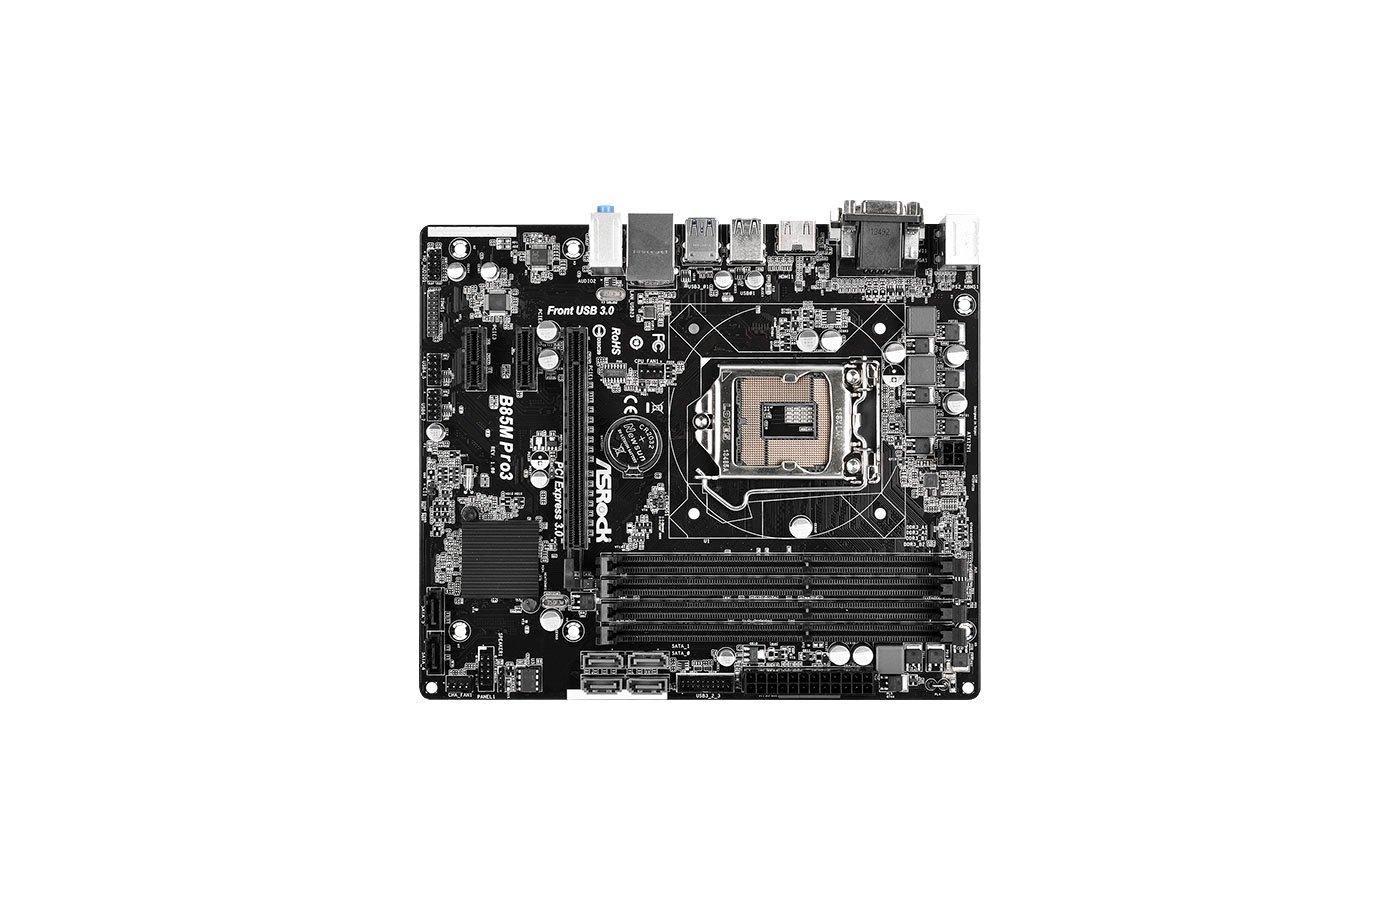 Материнская плата Asrock B85M Pro3 Soc-1150 Intel B85 4xDDR3 mATX AC`97 6ch(5.1)